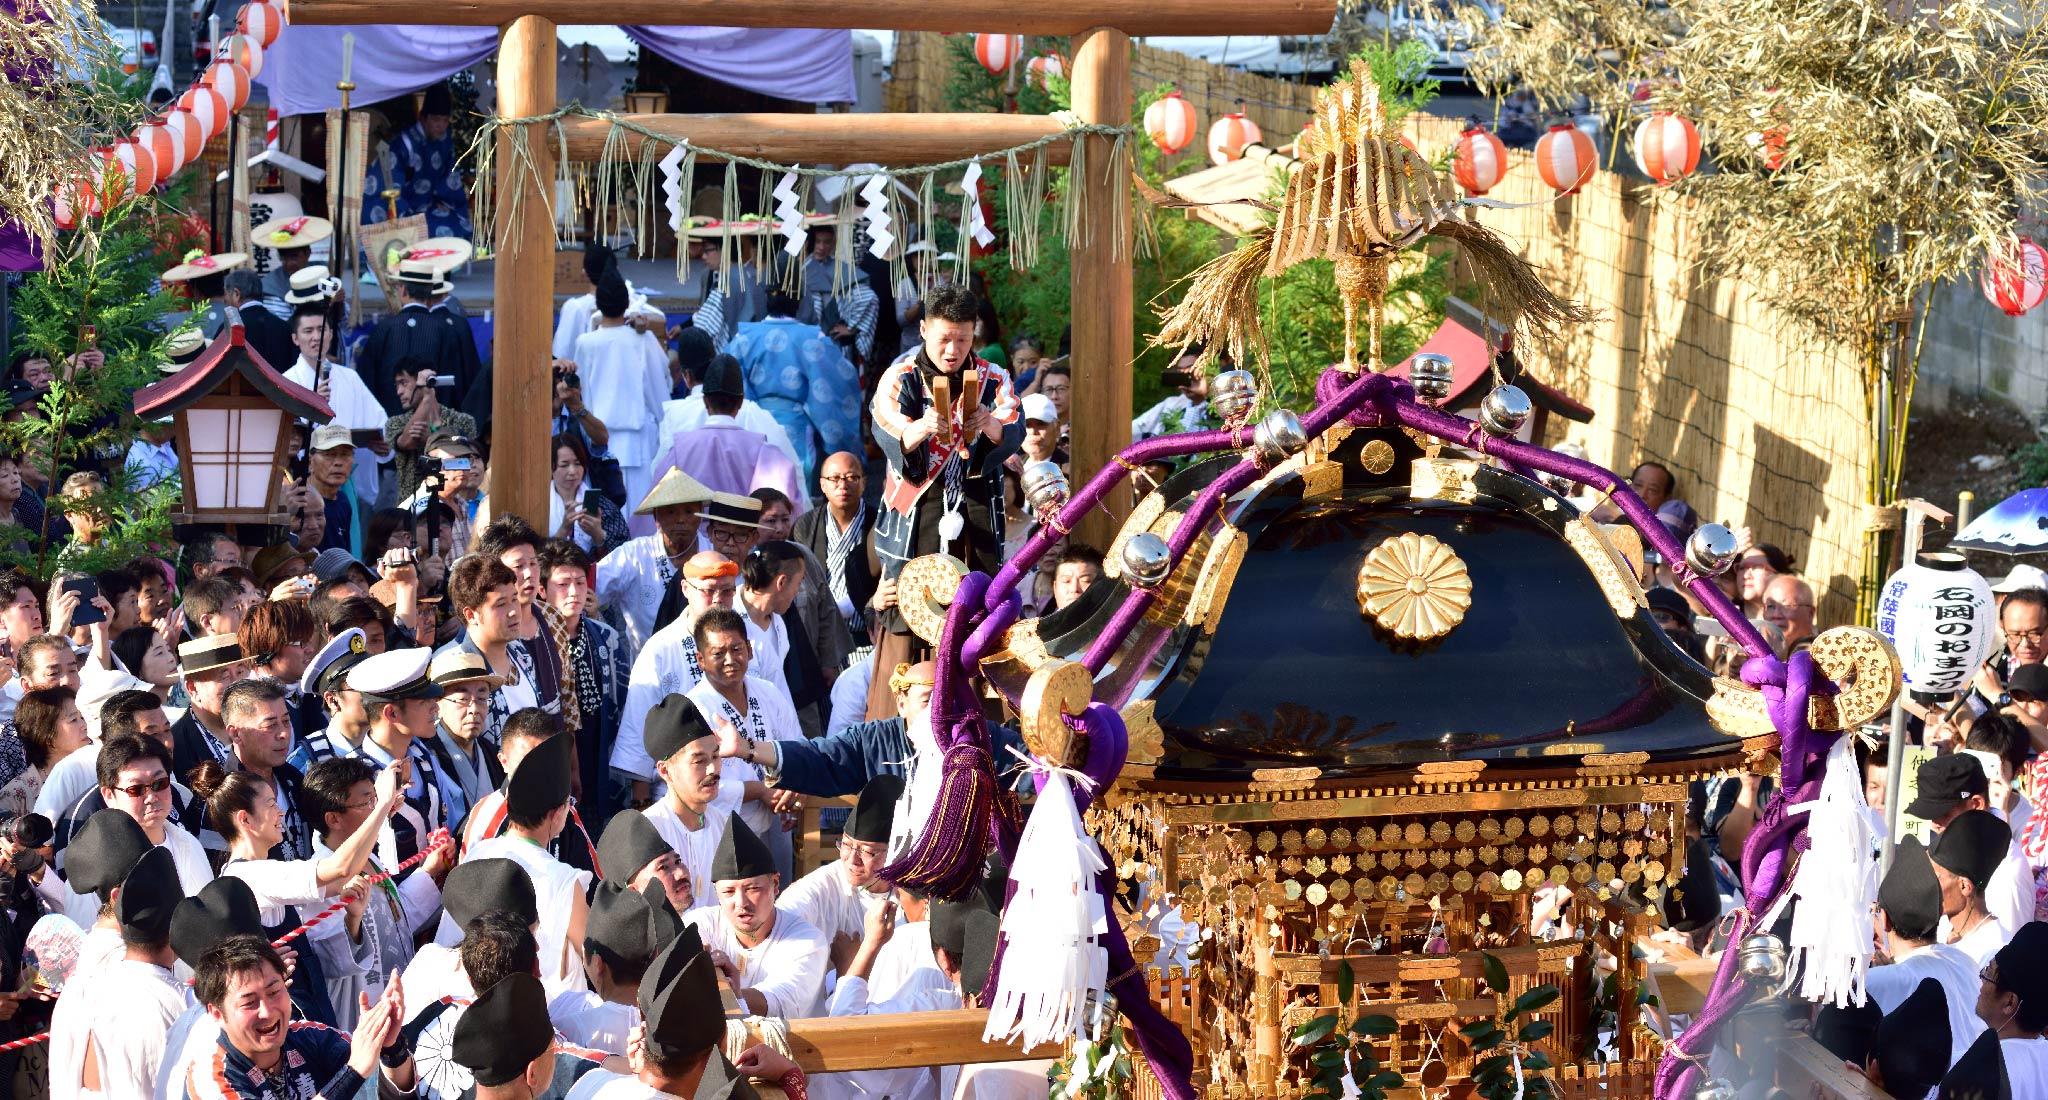 土曜日十六時 仮殿鎮座祭